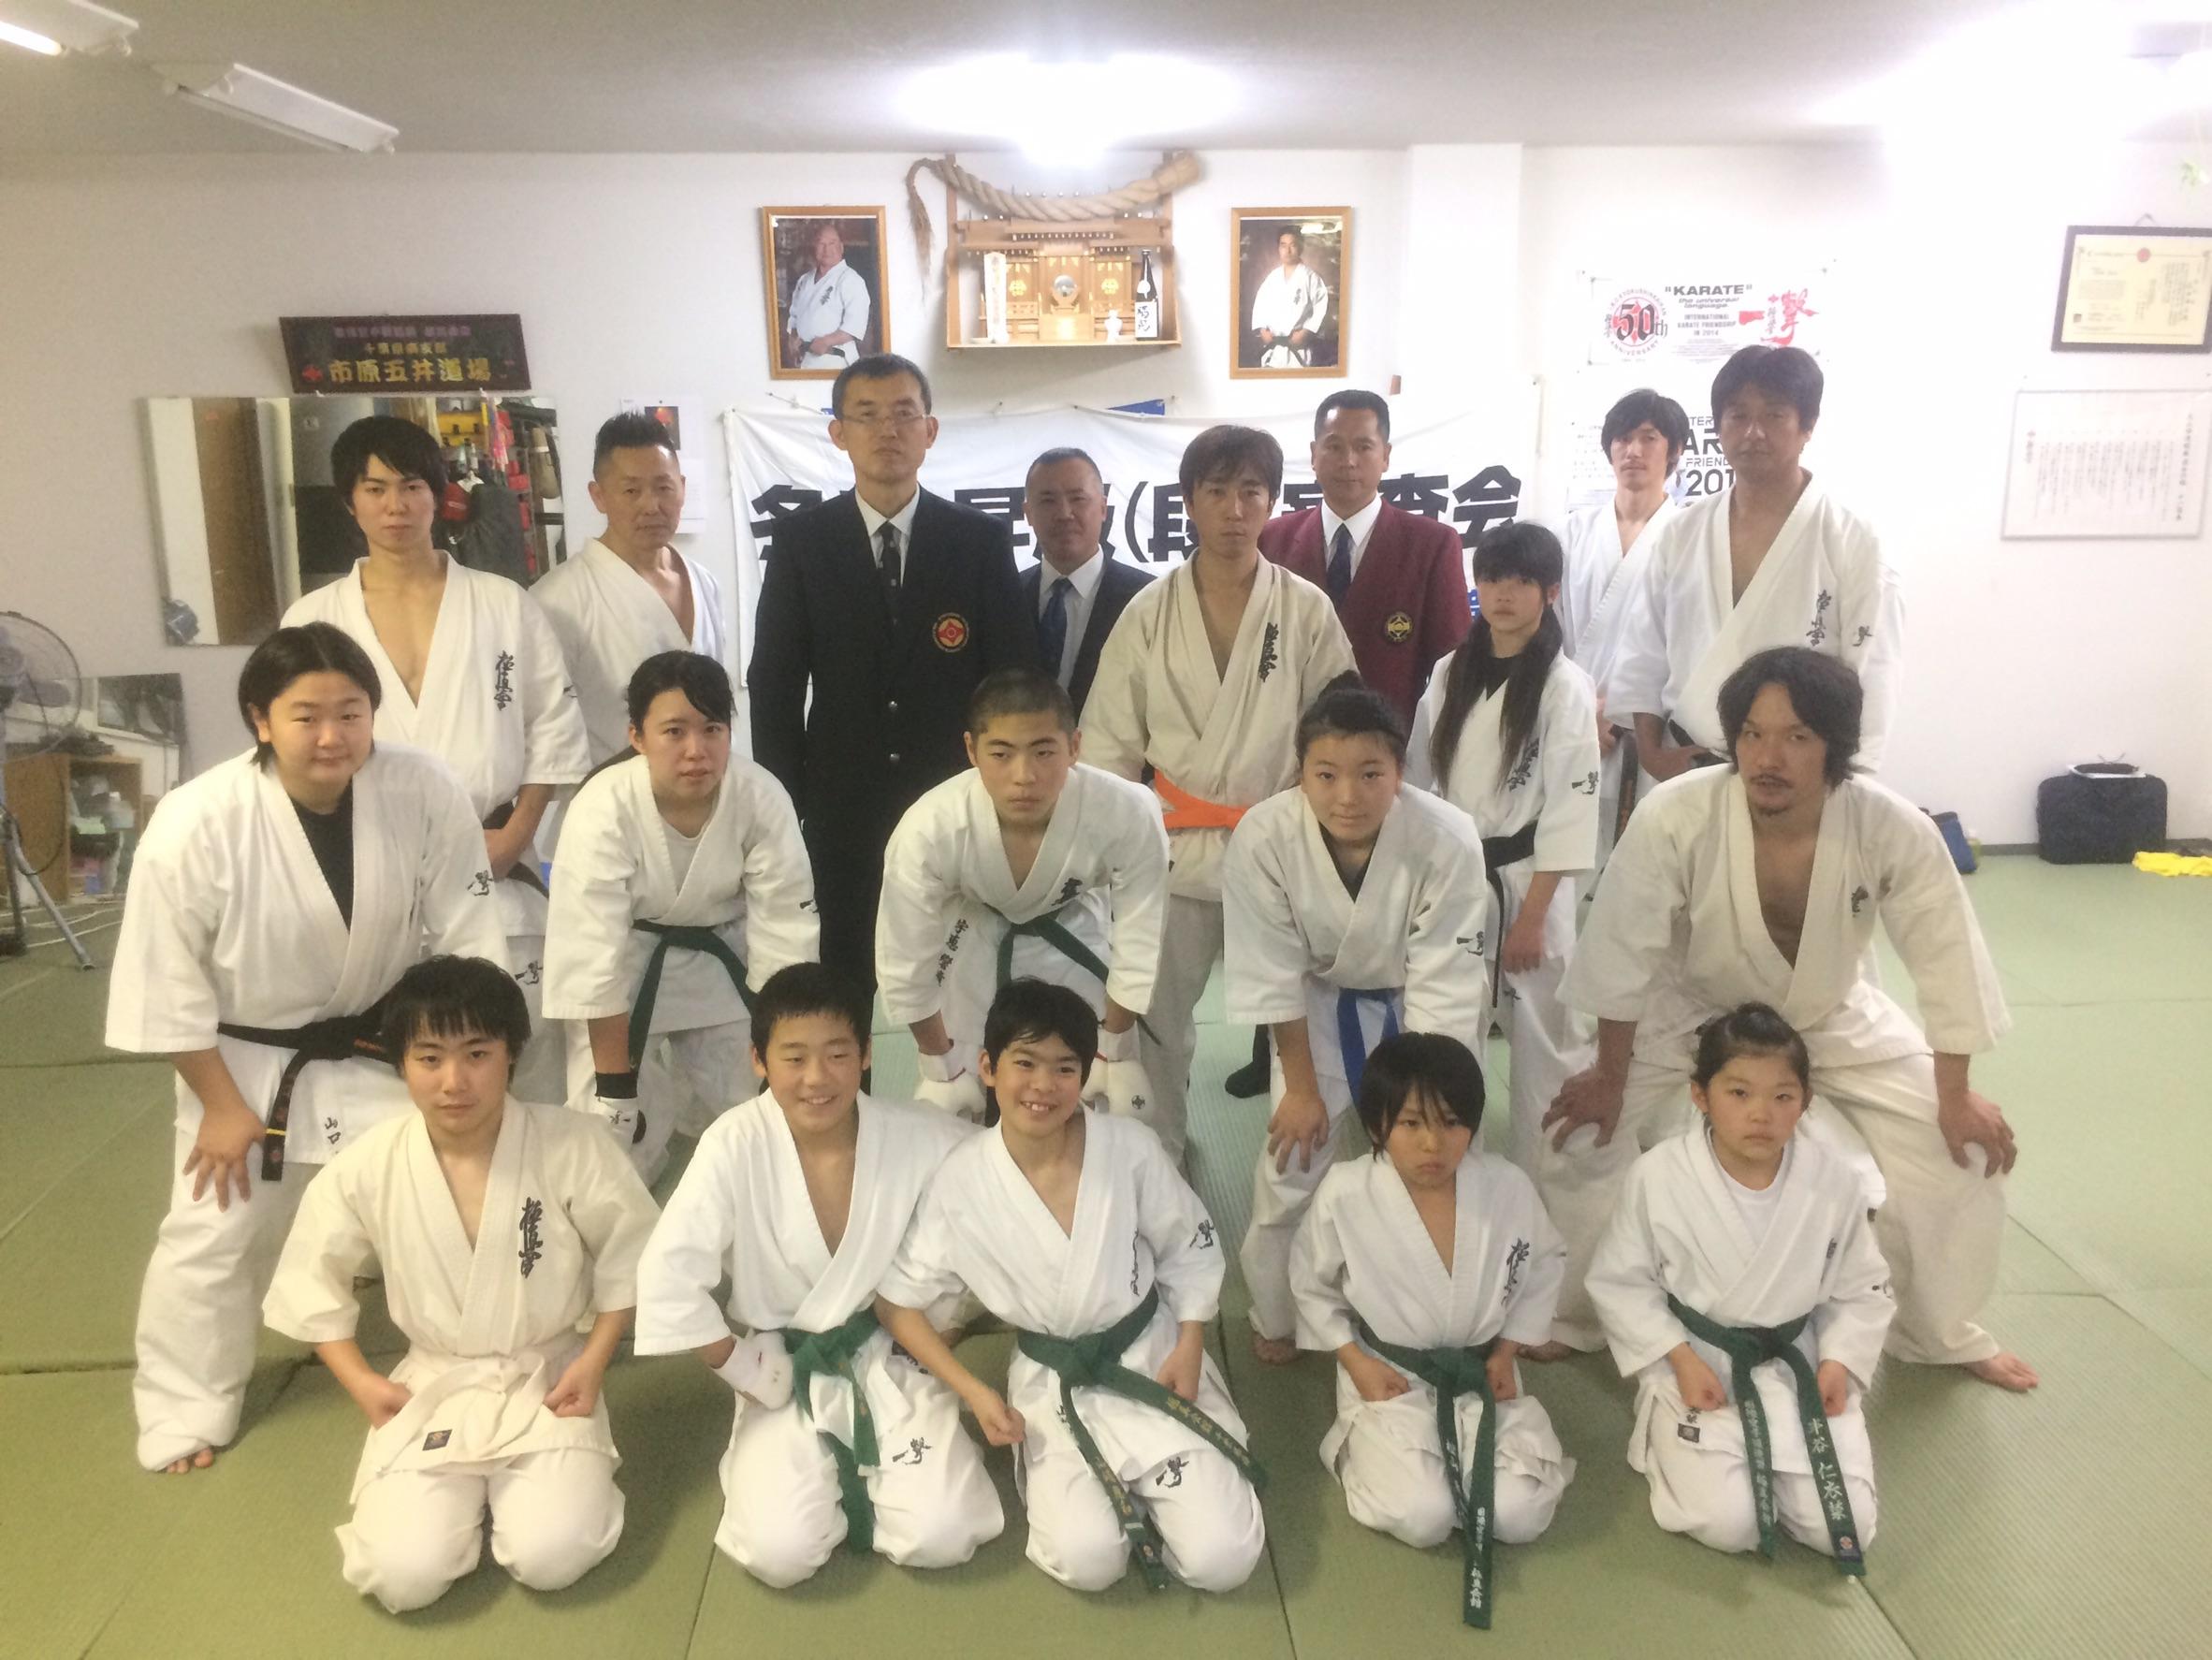 http://www.kyokushin-chibaminami.com/images/1485141806588.jpg